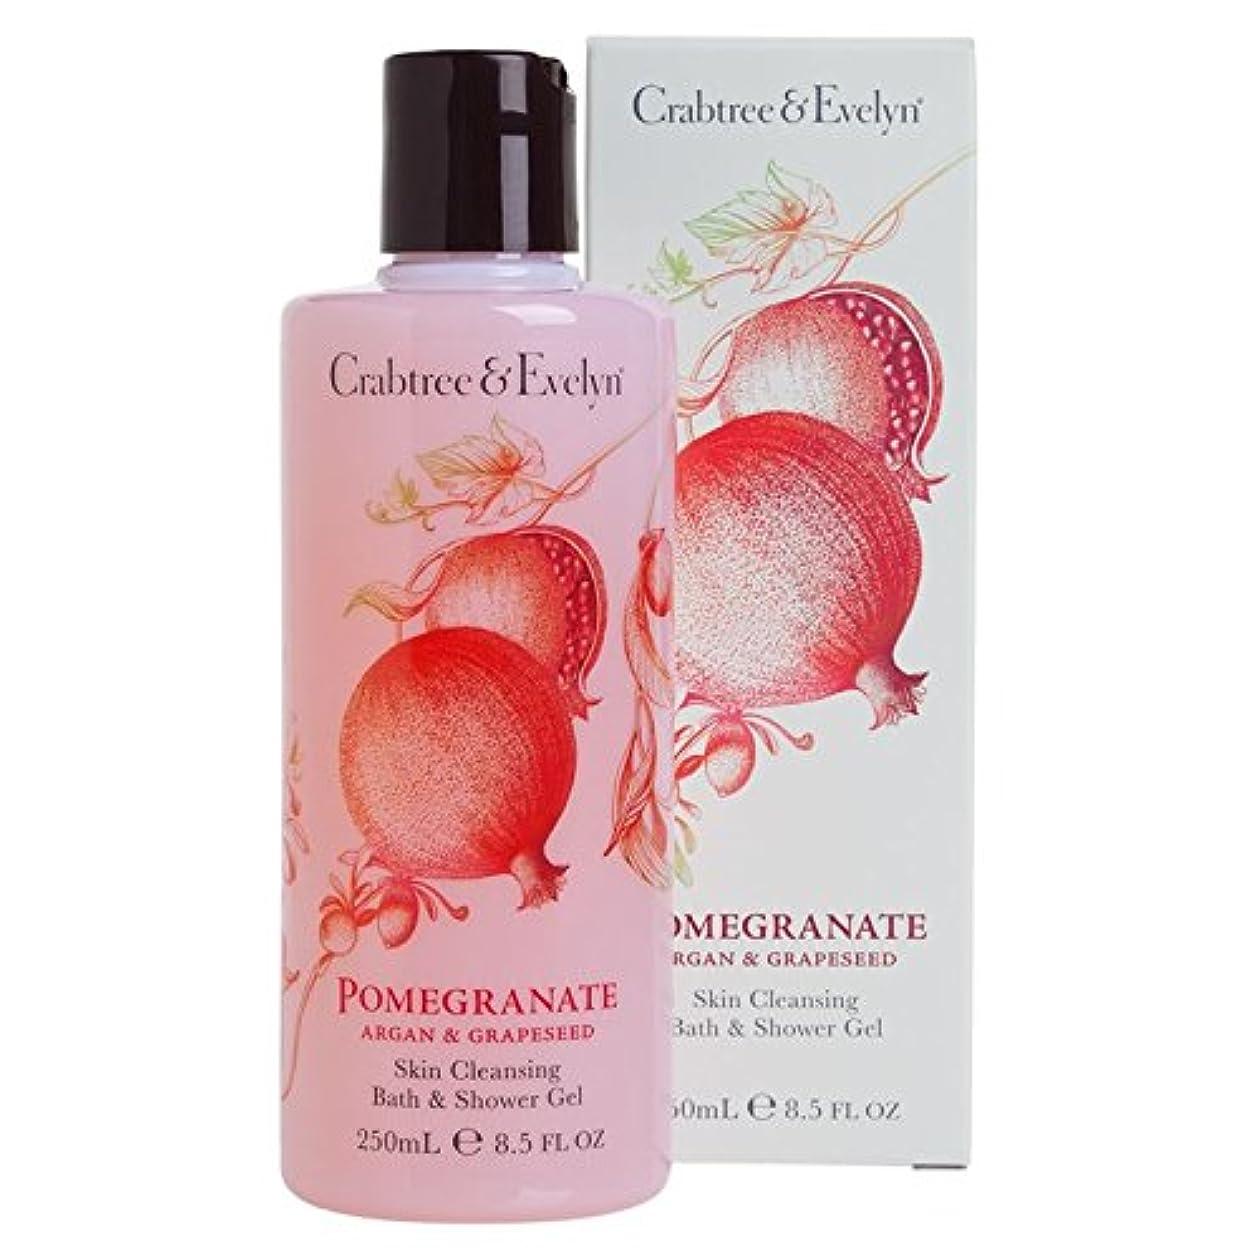 評議会軍艦語クラブツリー&イヴリンザクロの皮バス&シャワージェル250ミリリットルクレンジング (Crabtree & Evelyn) (x6) - Crabtree & Evelyn Pomegranate Skin Cleansing Bath & Shower Gel 250ml (Pack of 6) [並行輸入品]